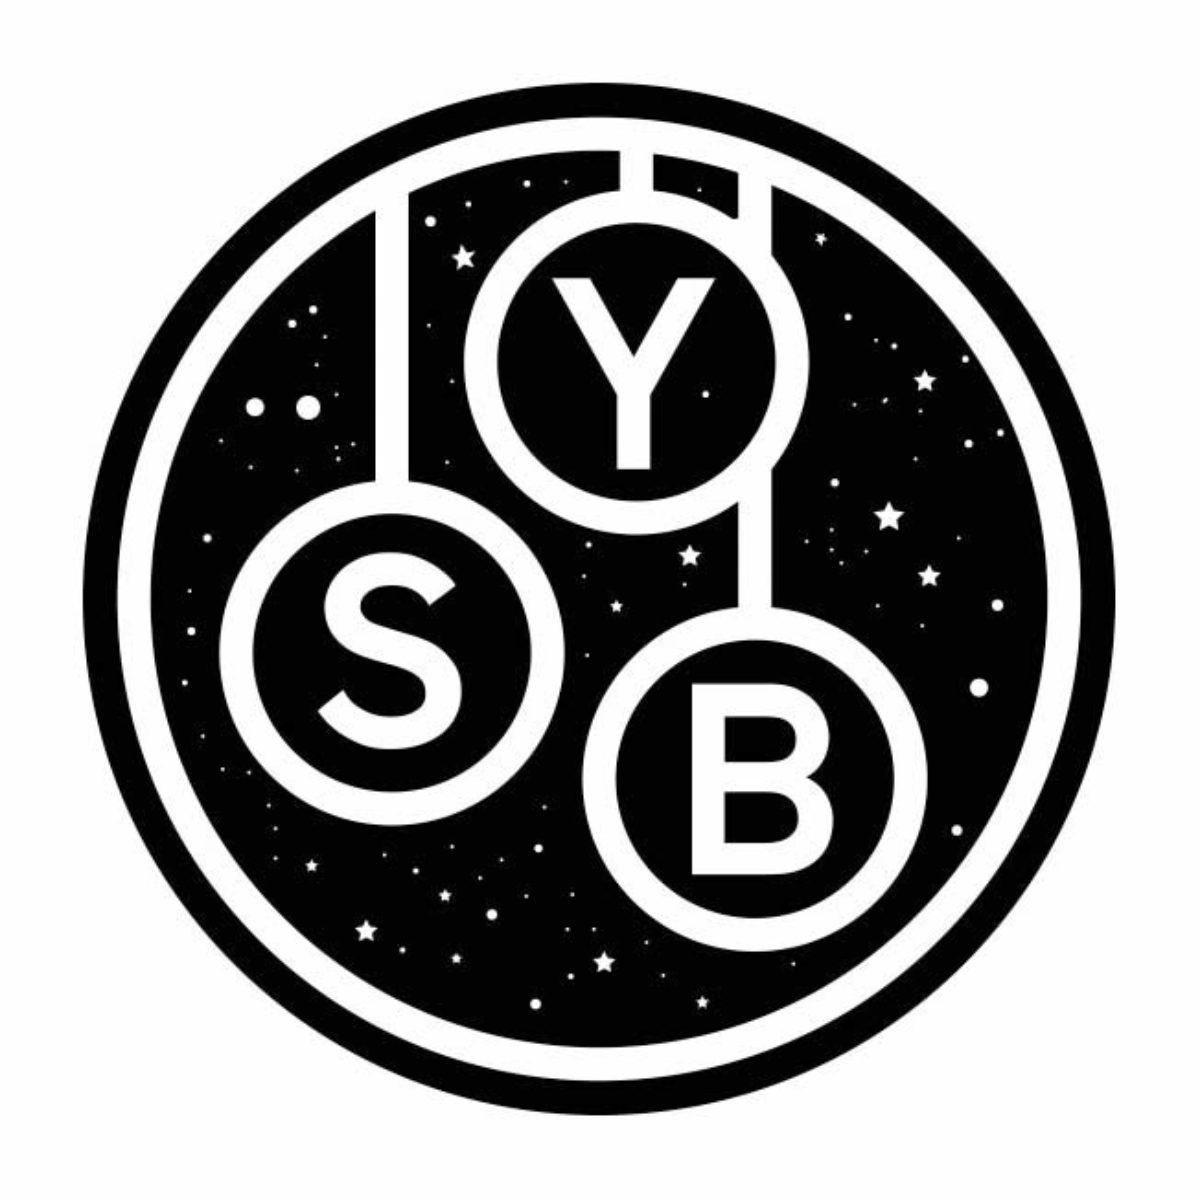 YSB DrumSkin